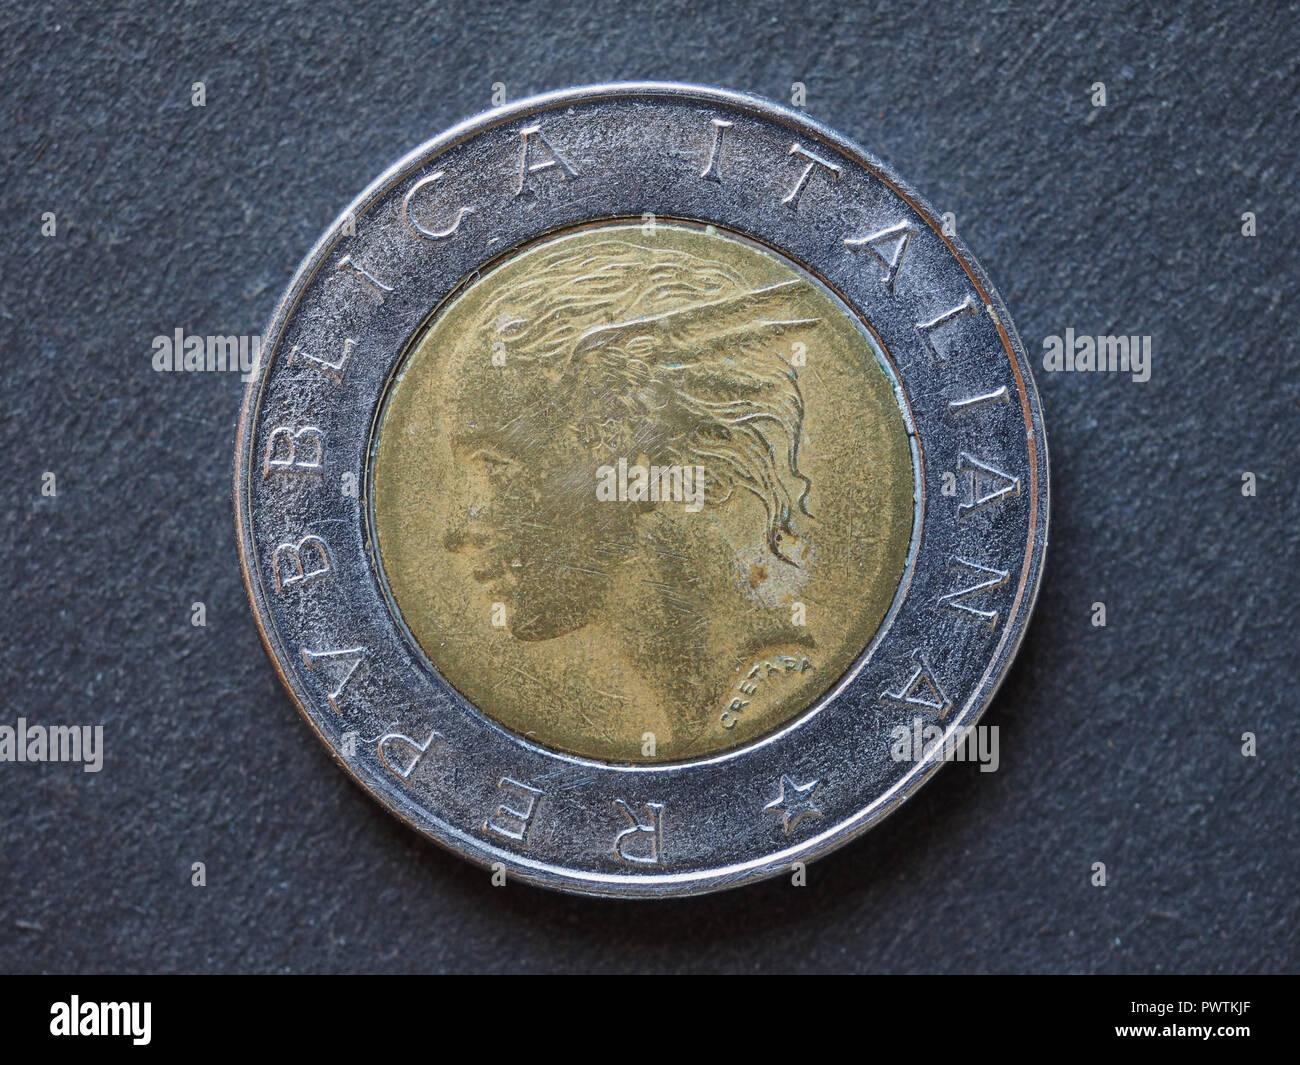 500 Lira Itl Münze Geld Währung Von Italien Stockfoto Bild